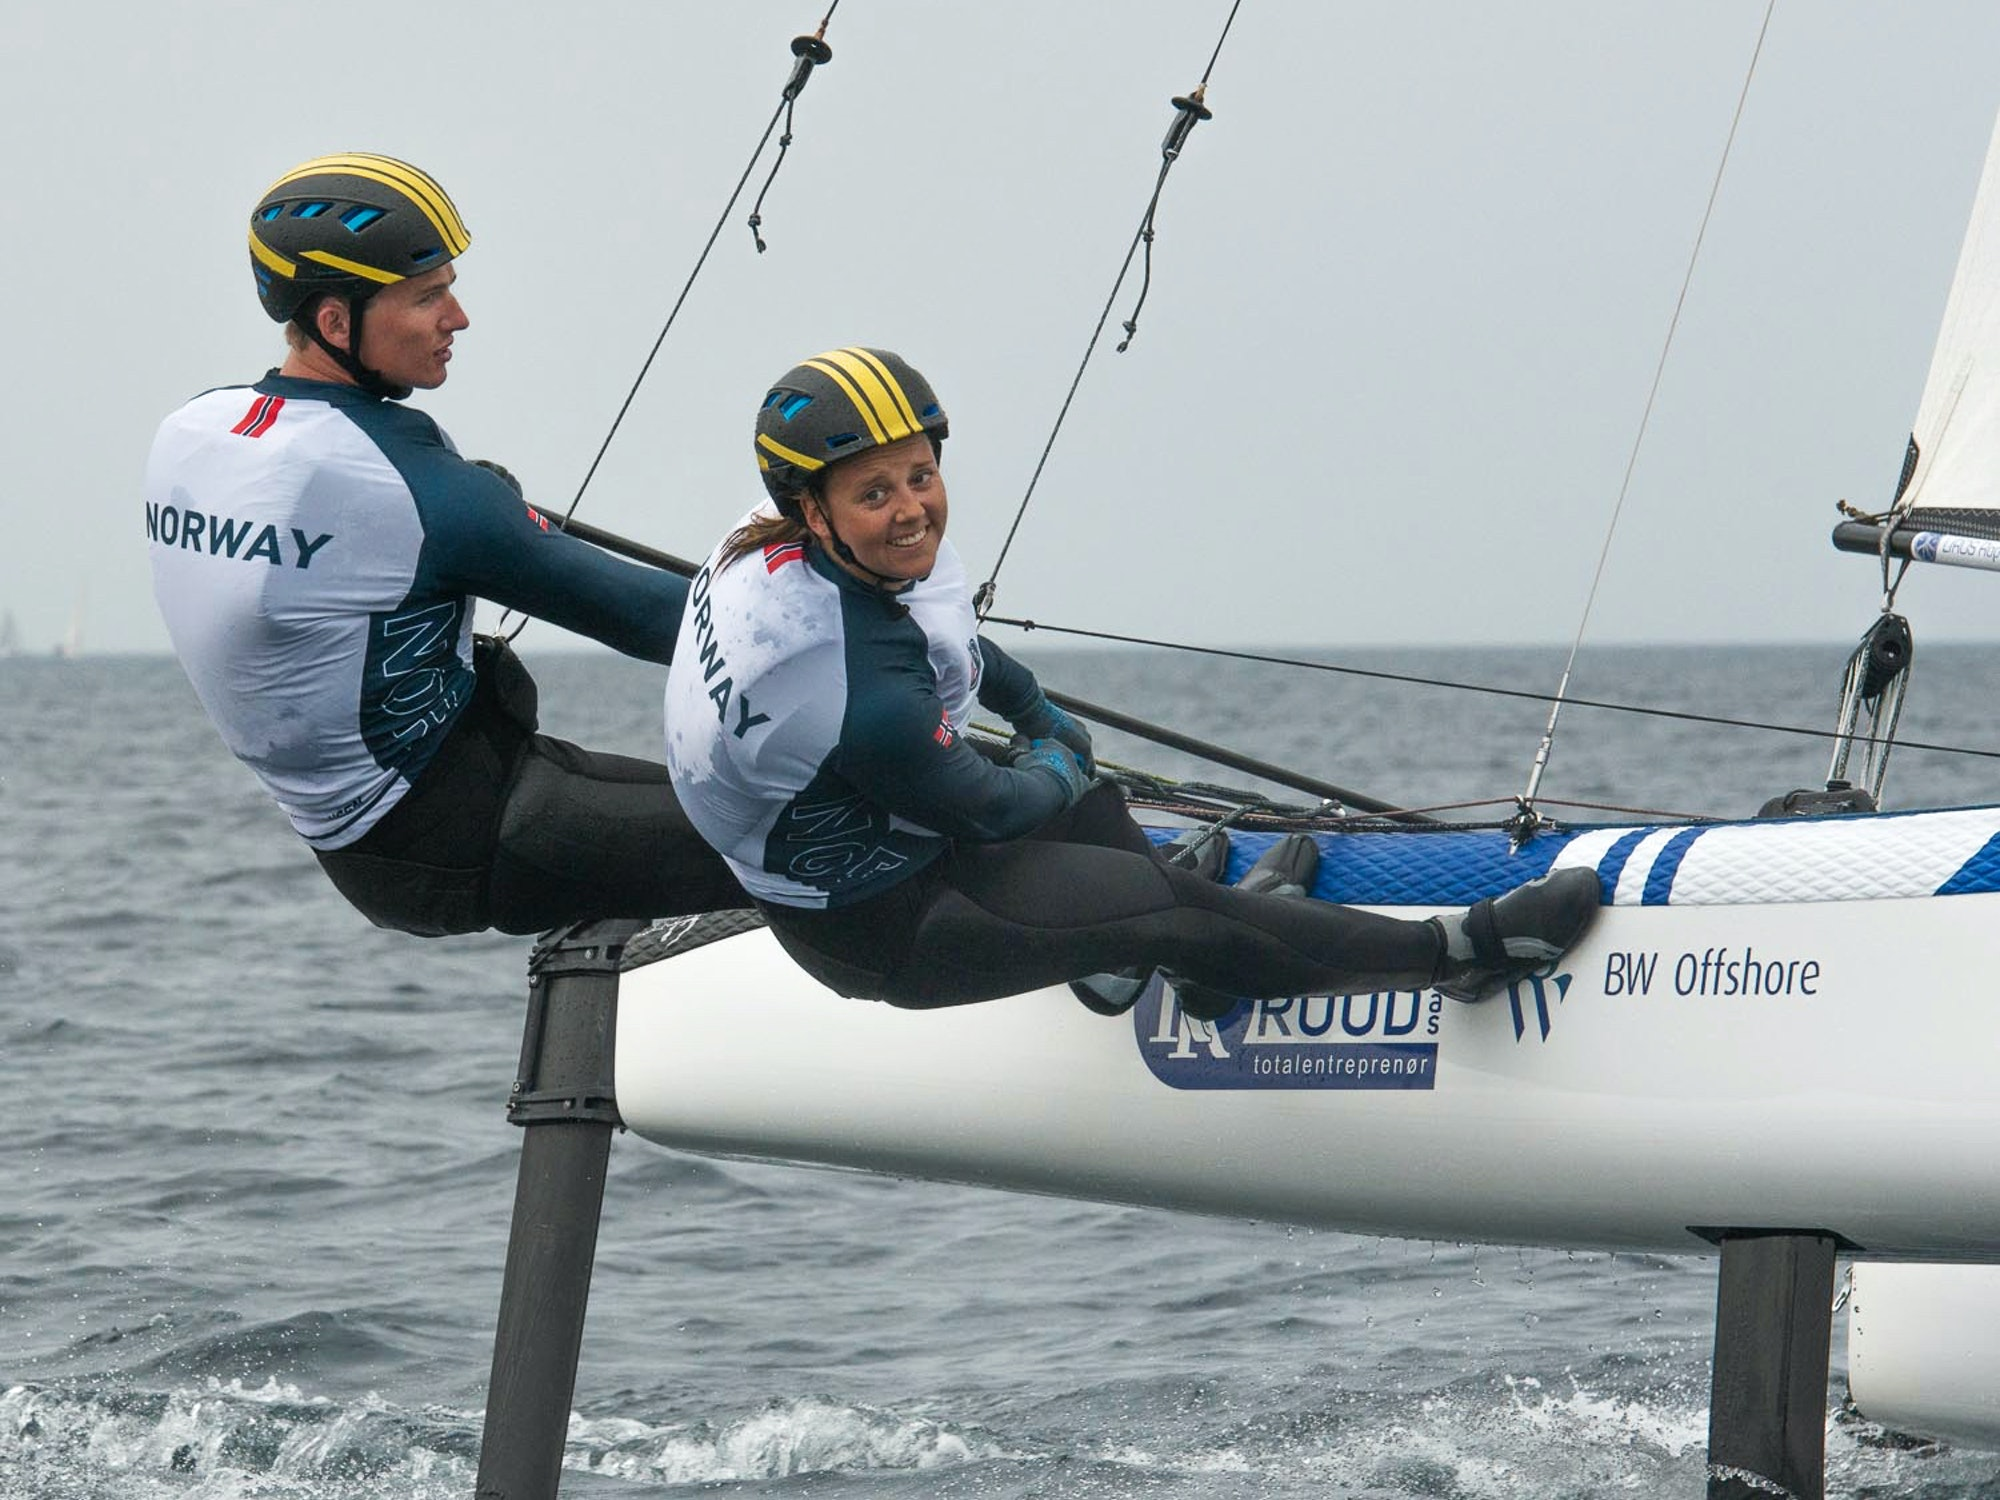 Bilde av seilerne Martine Steller Mortensen og Nicholas Fadler Martinsen